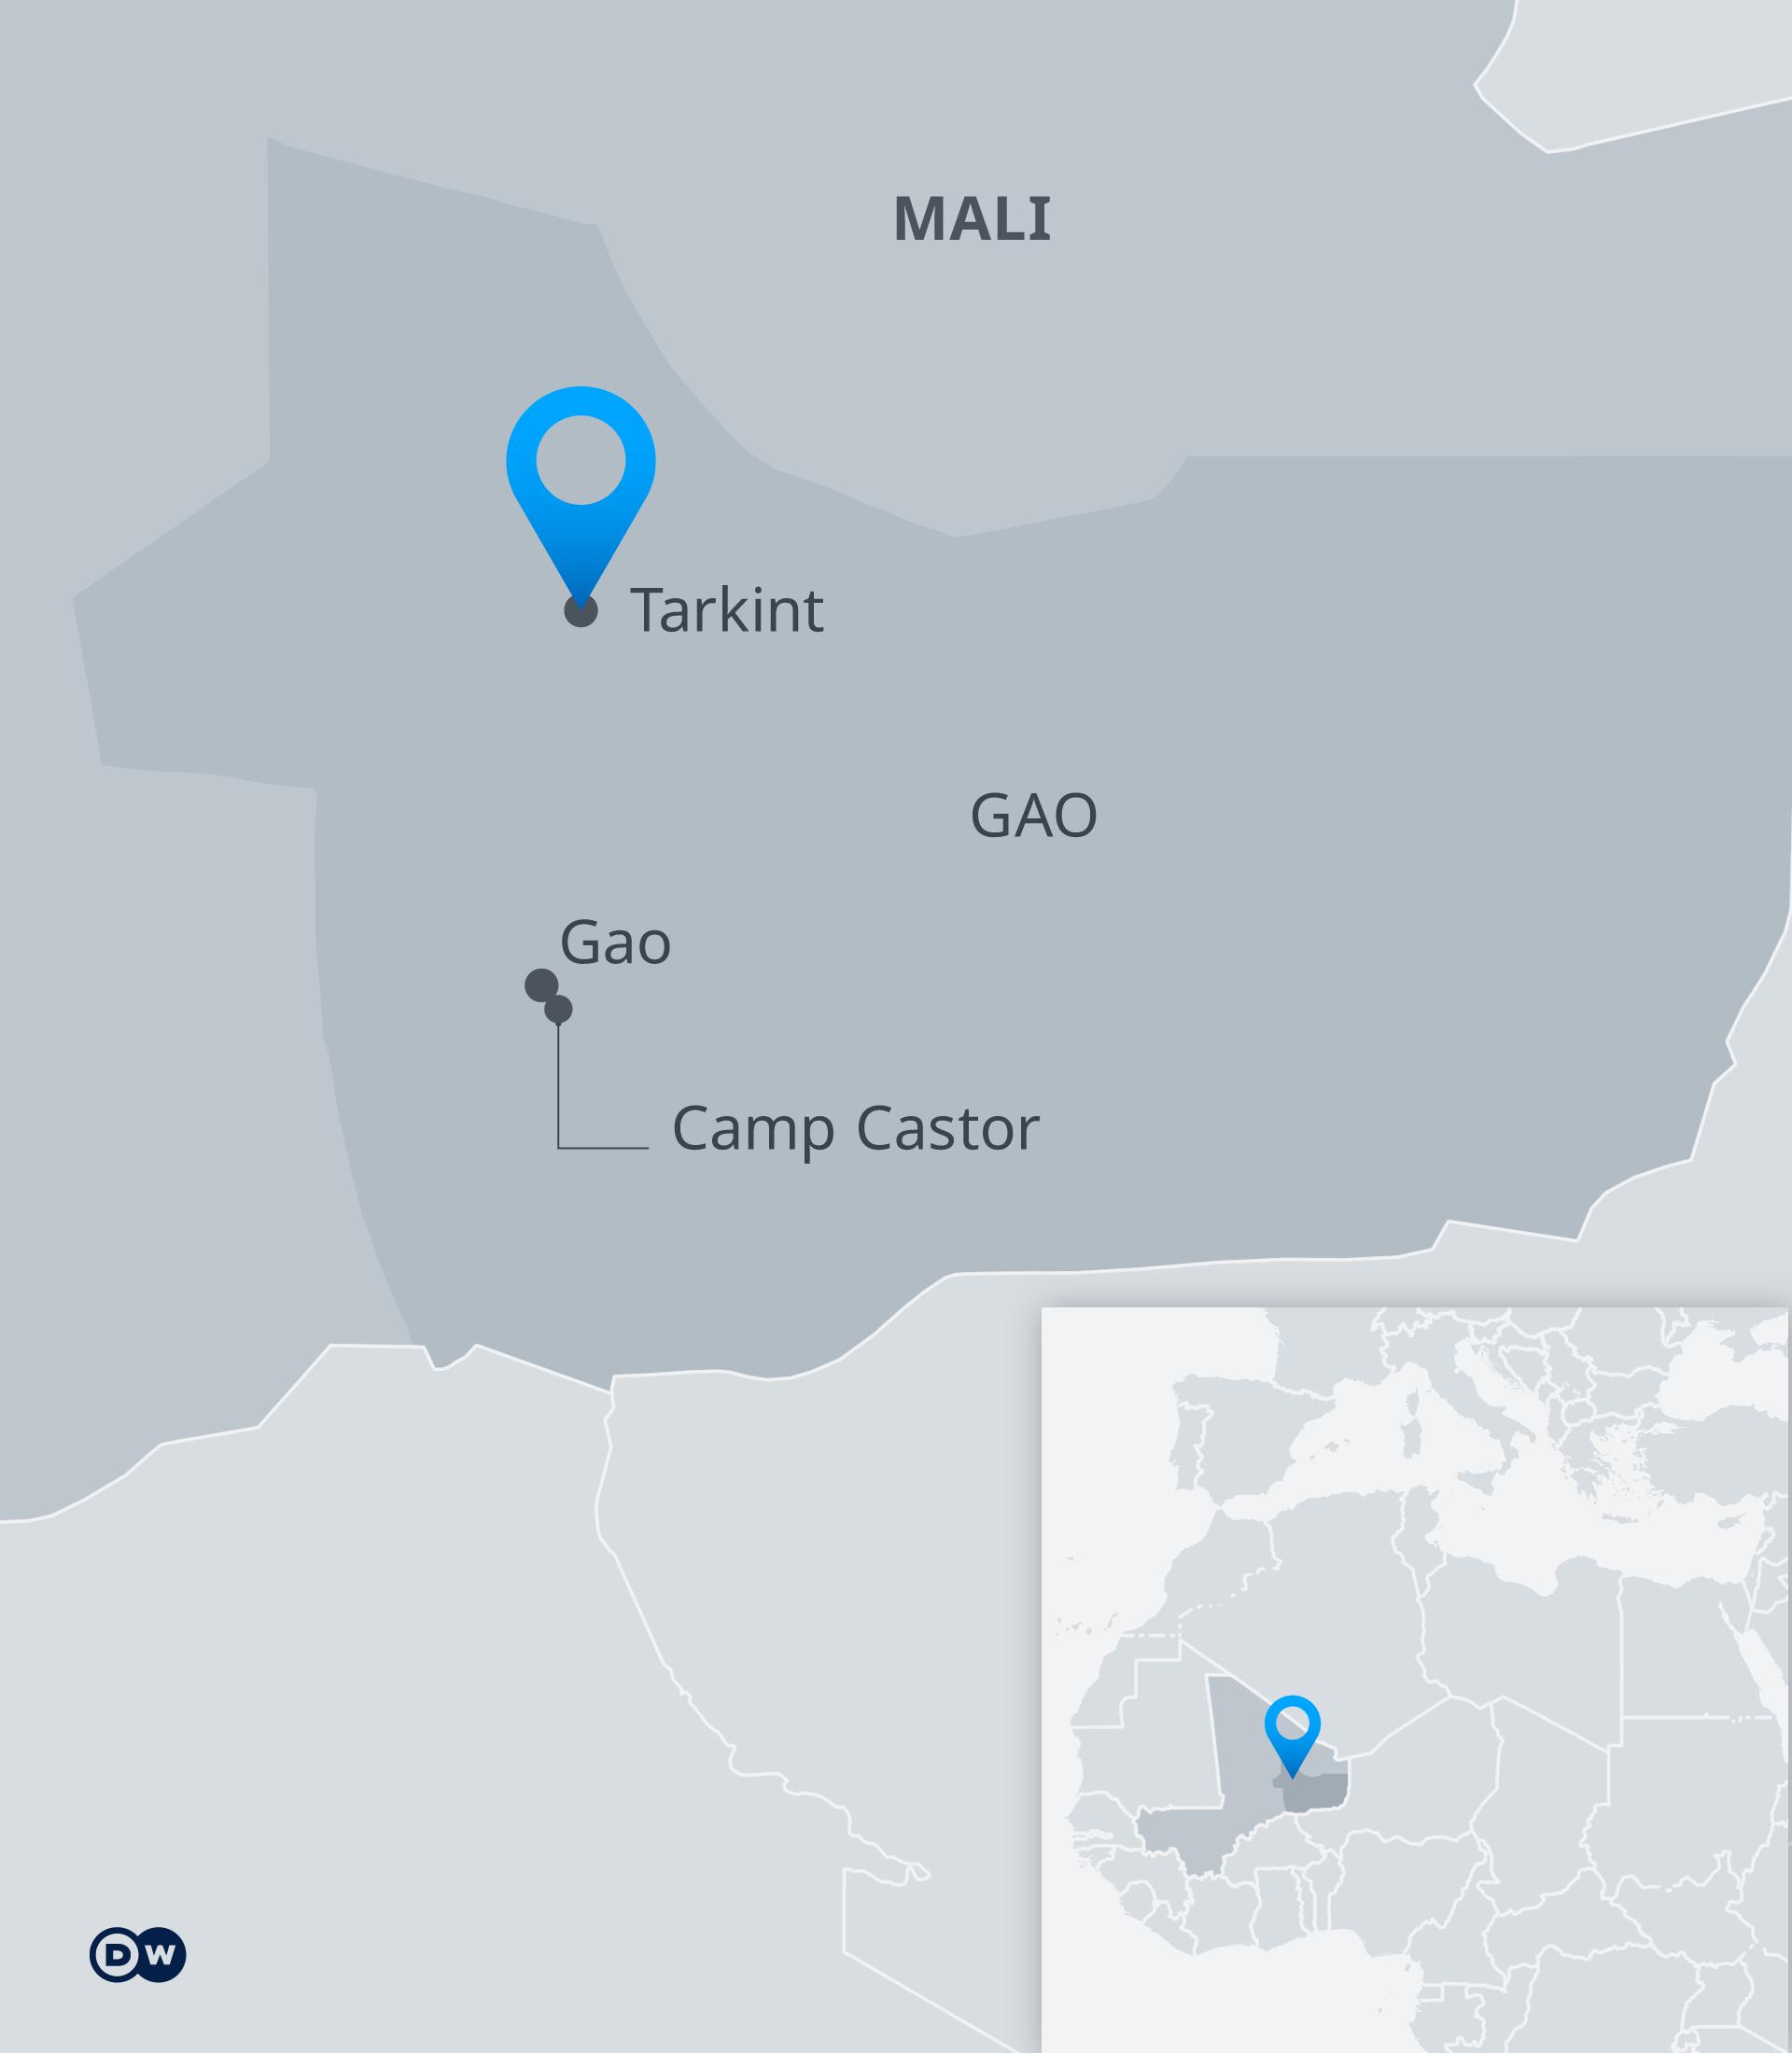 Karte Mali Tarkint